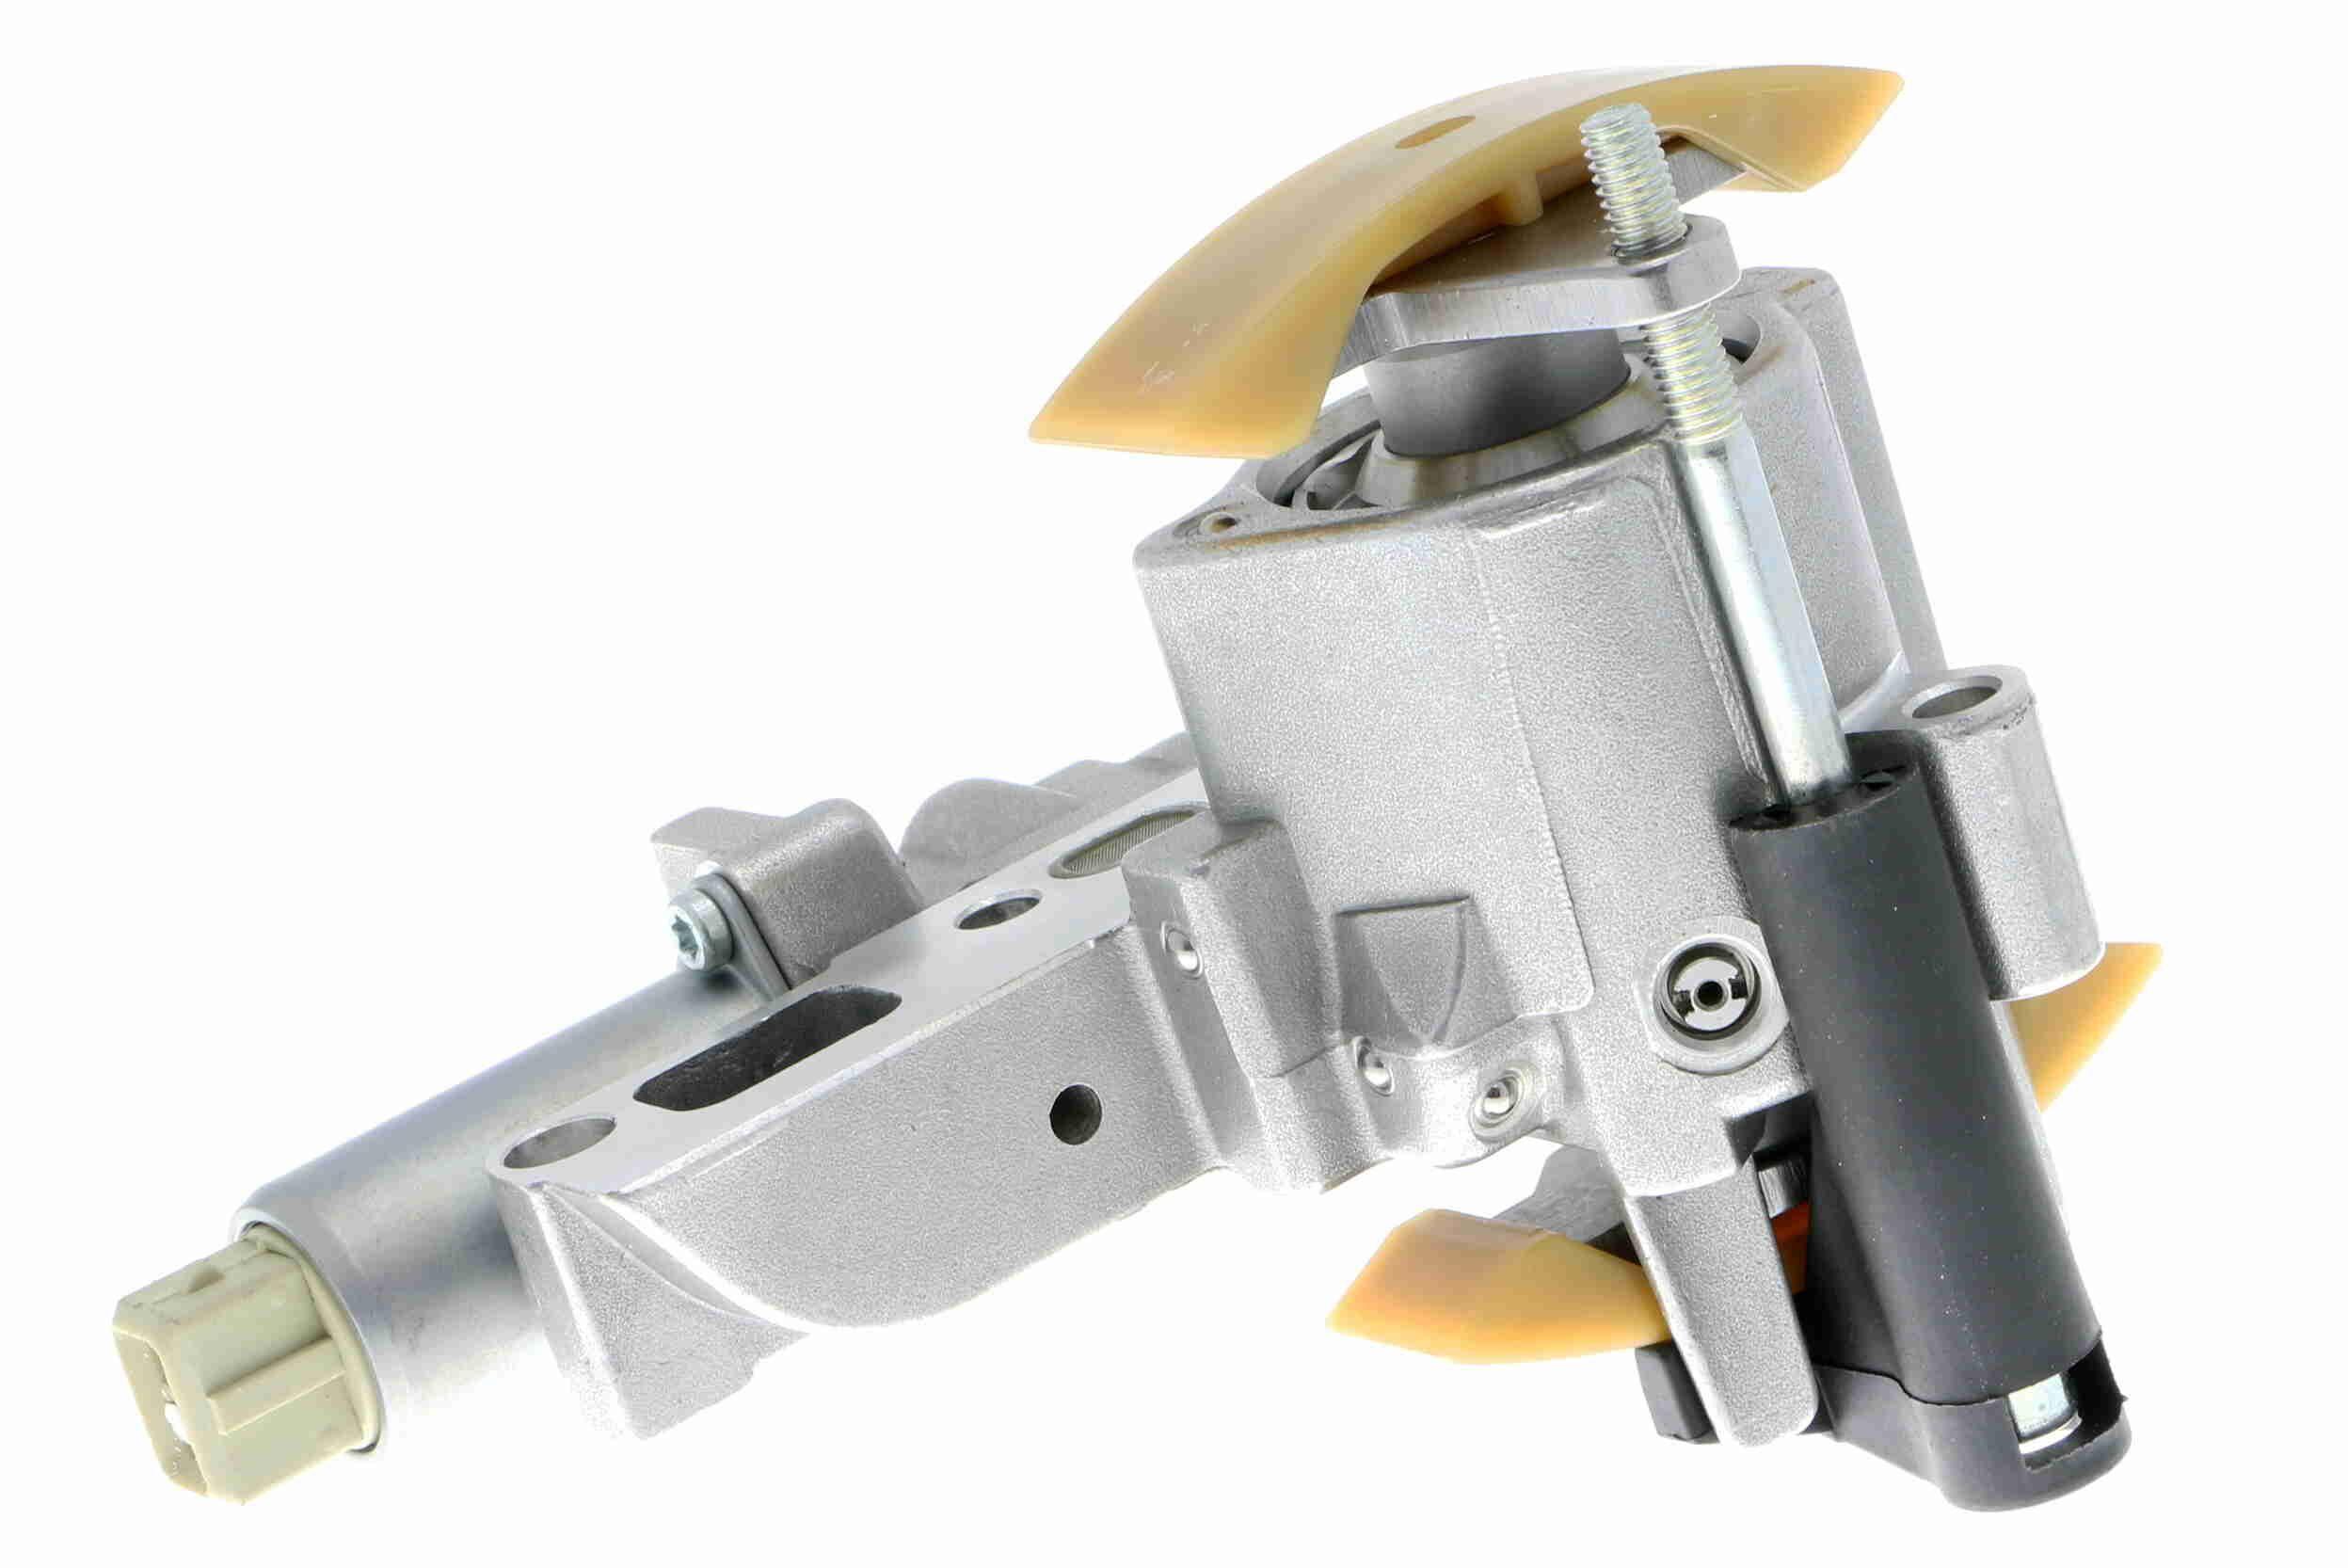 Steuerventil, Nockenwellenverstellung V10-4409 VAICO V10-4409 in Original Qualität